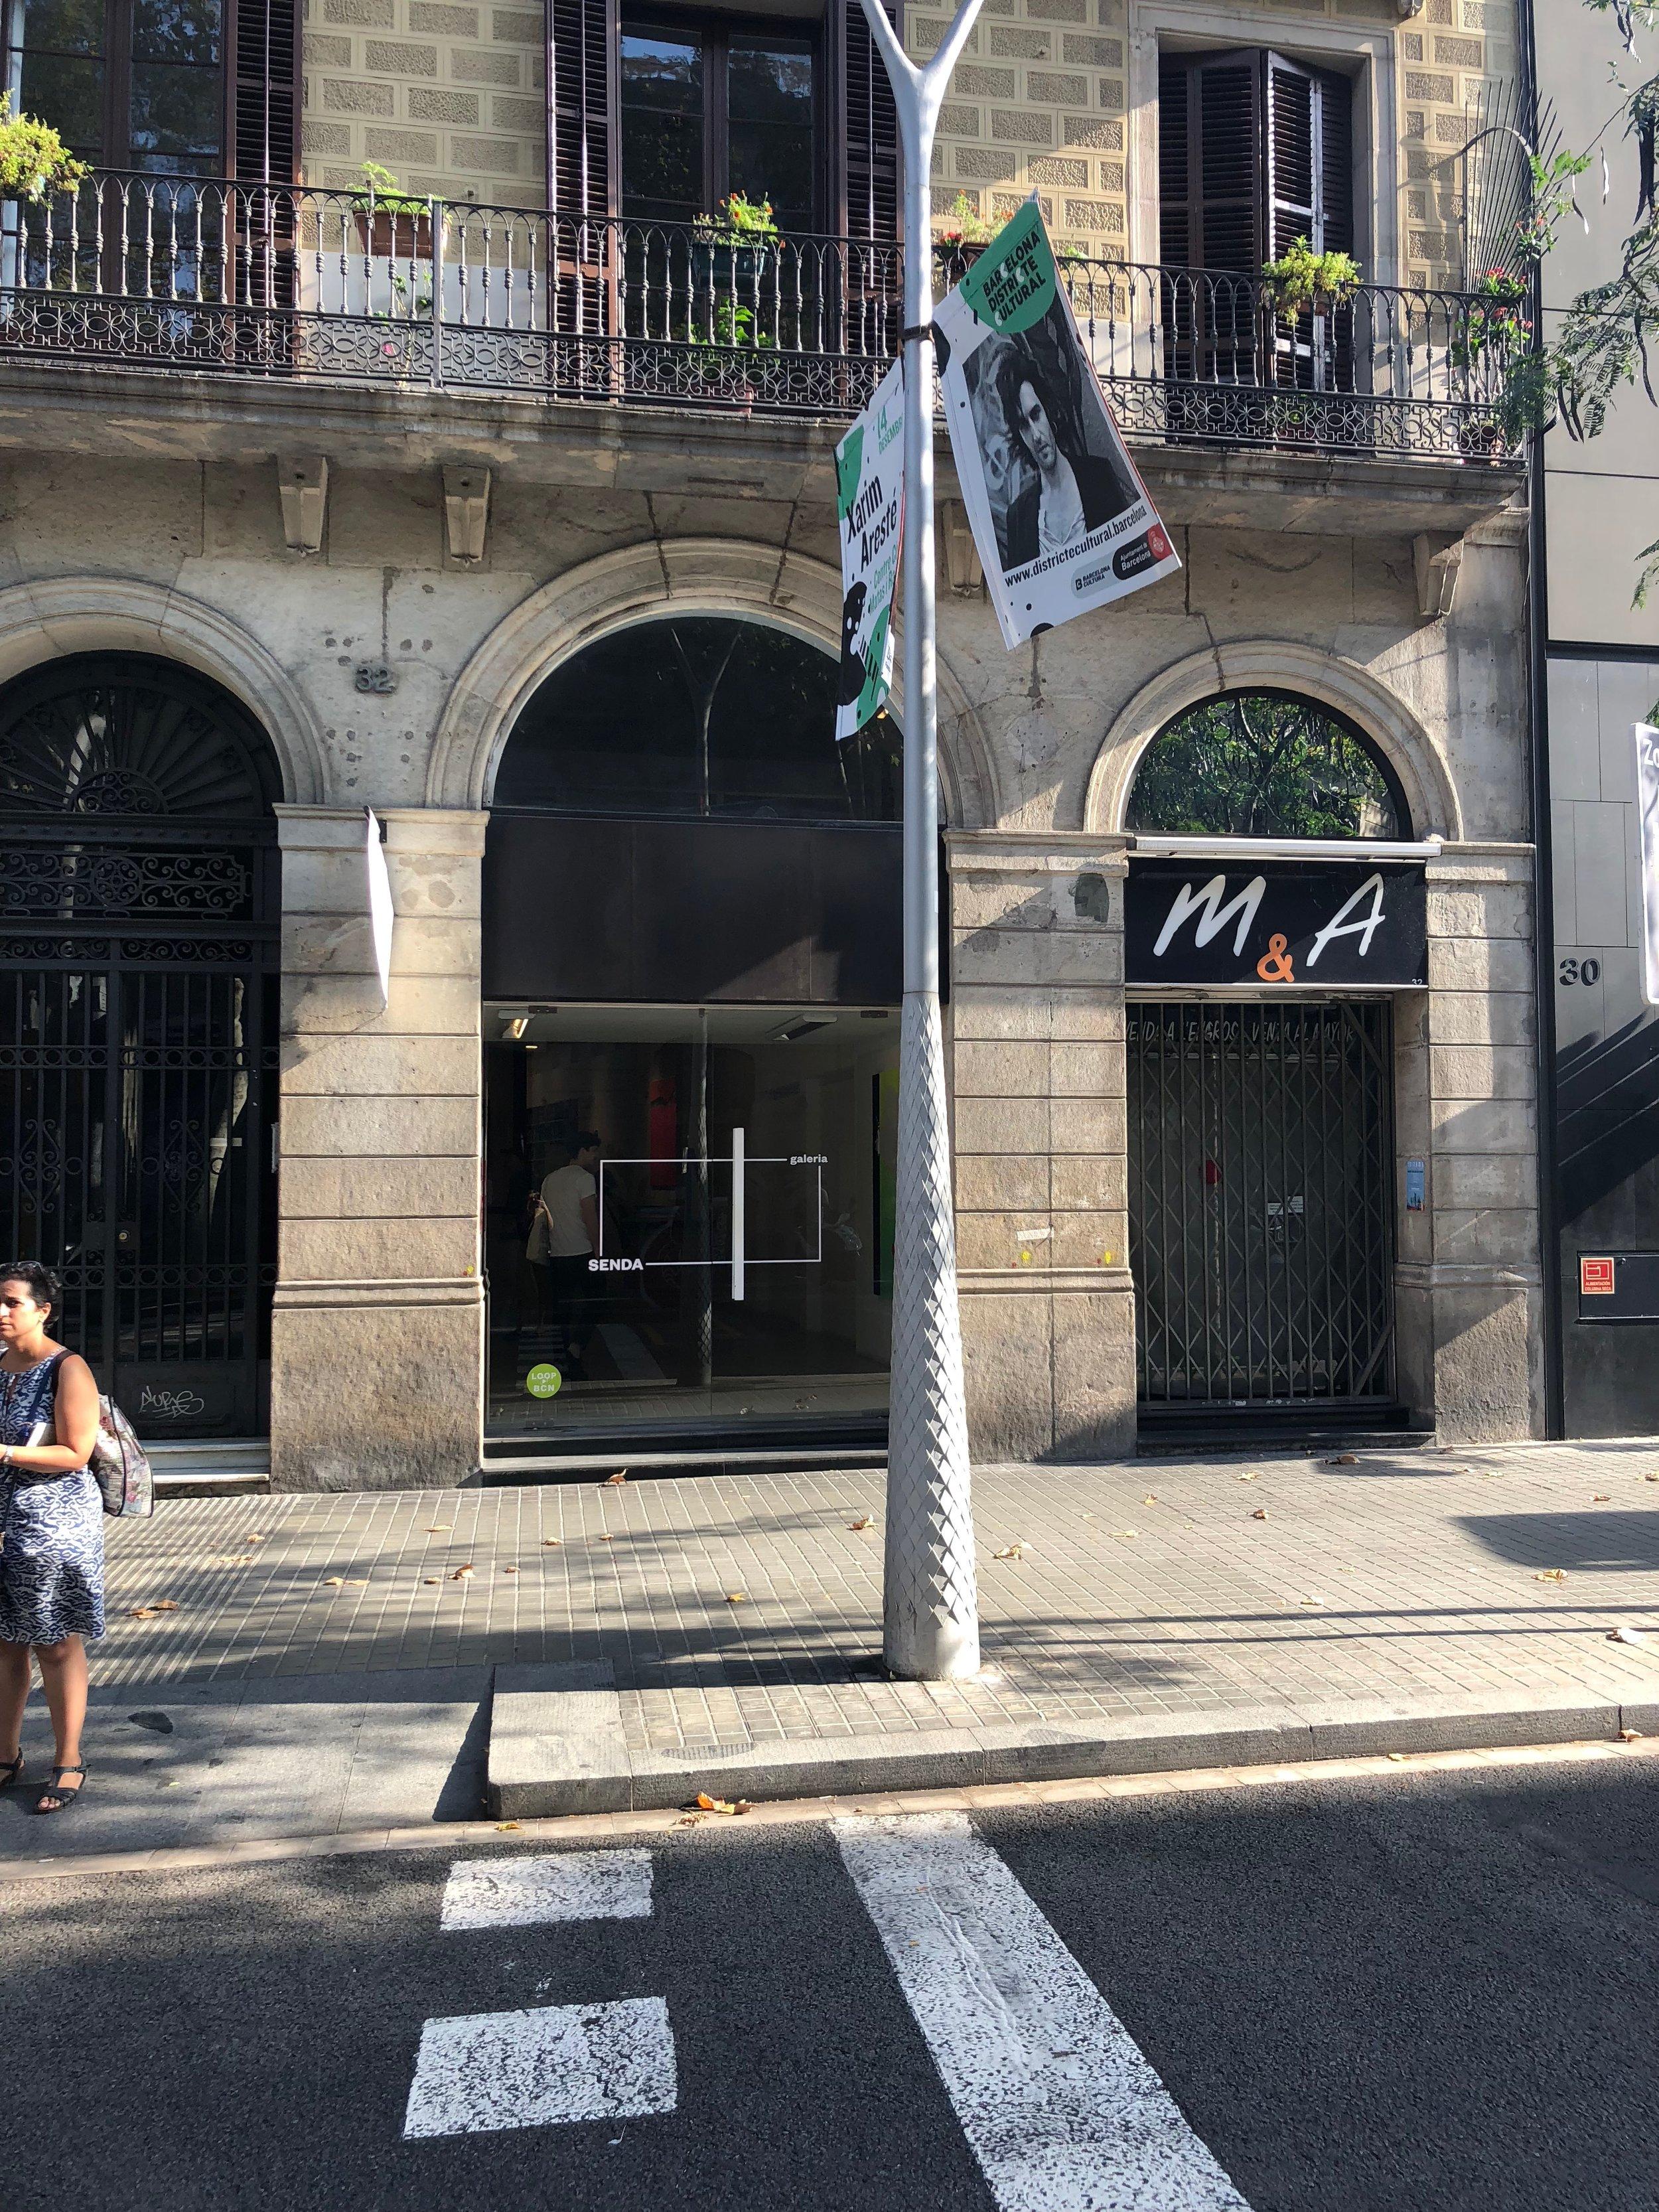 Galeria Senda in Trafalgar street